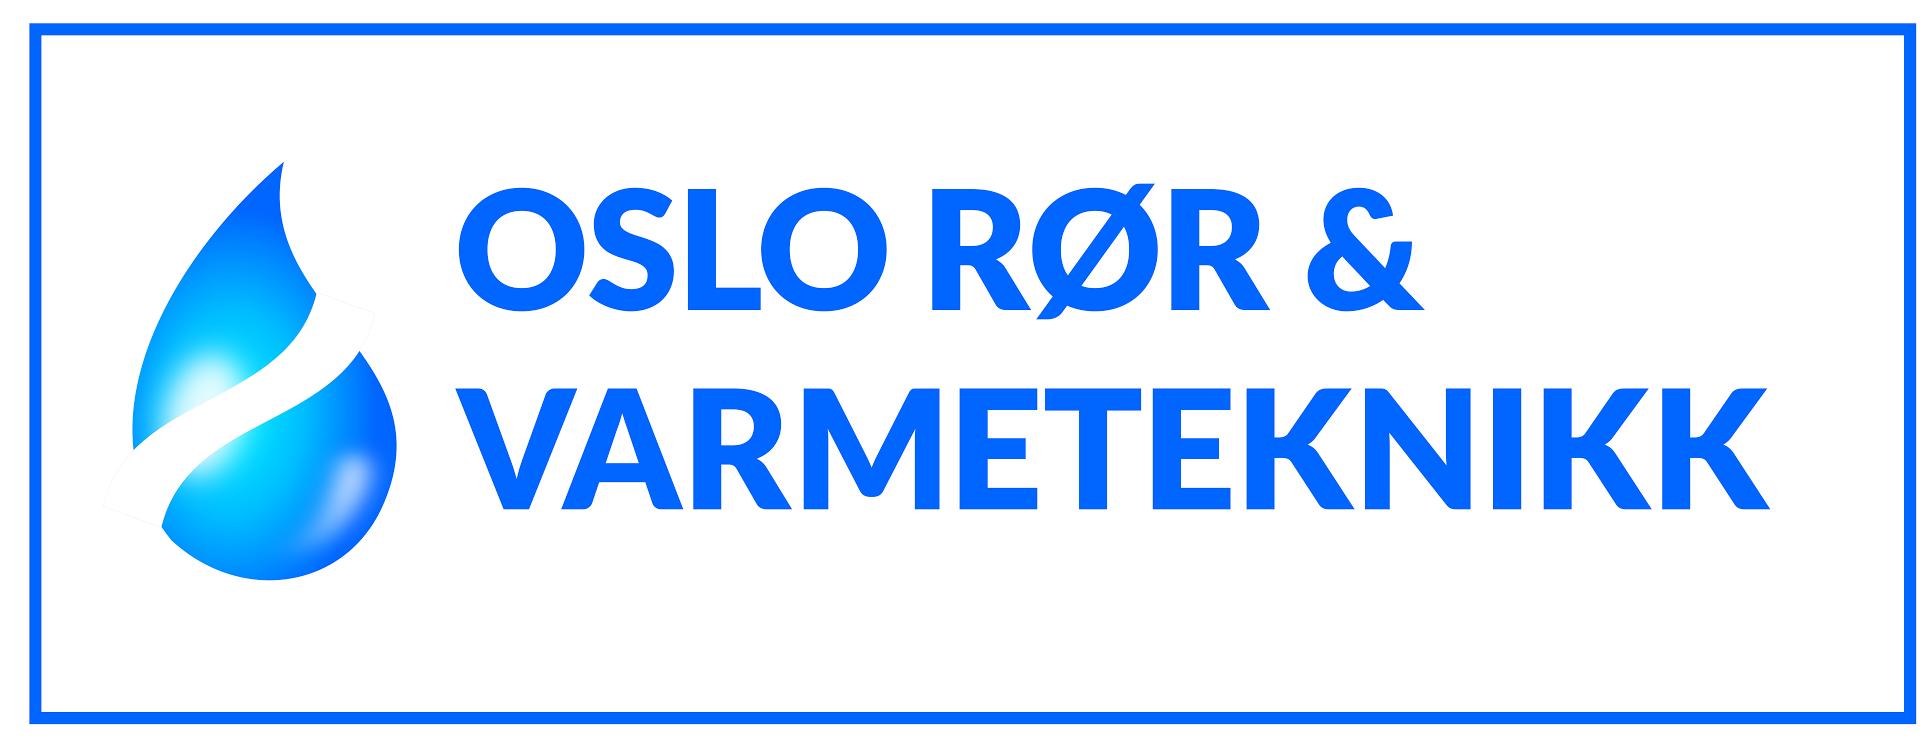 Oslo rør og varmeteknikk AS